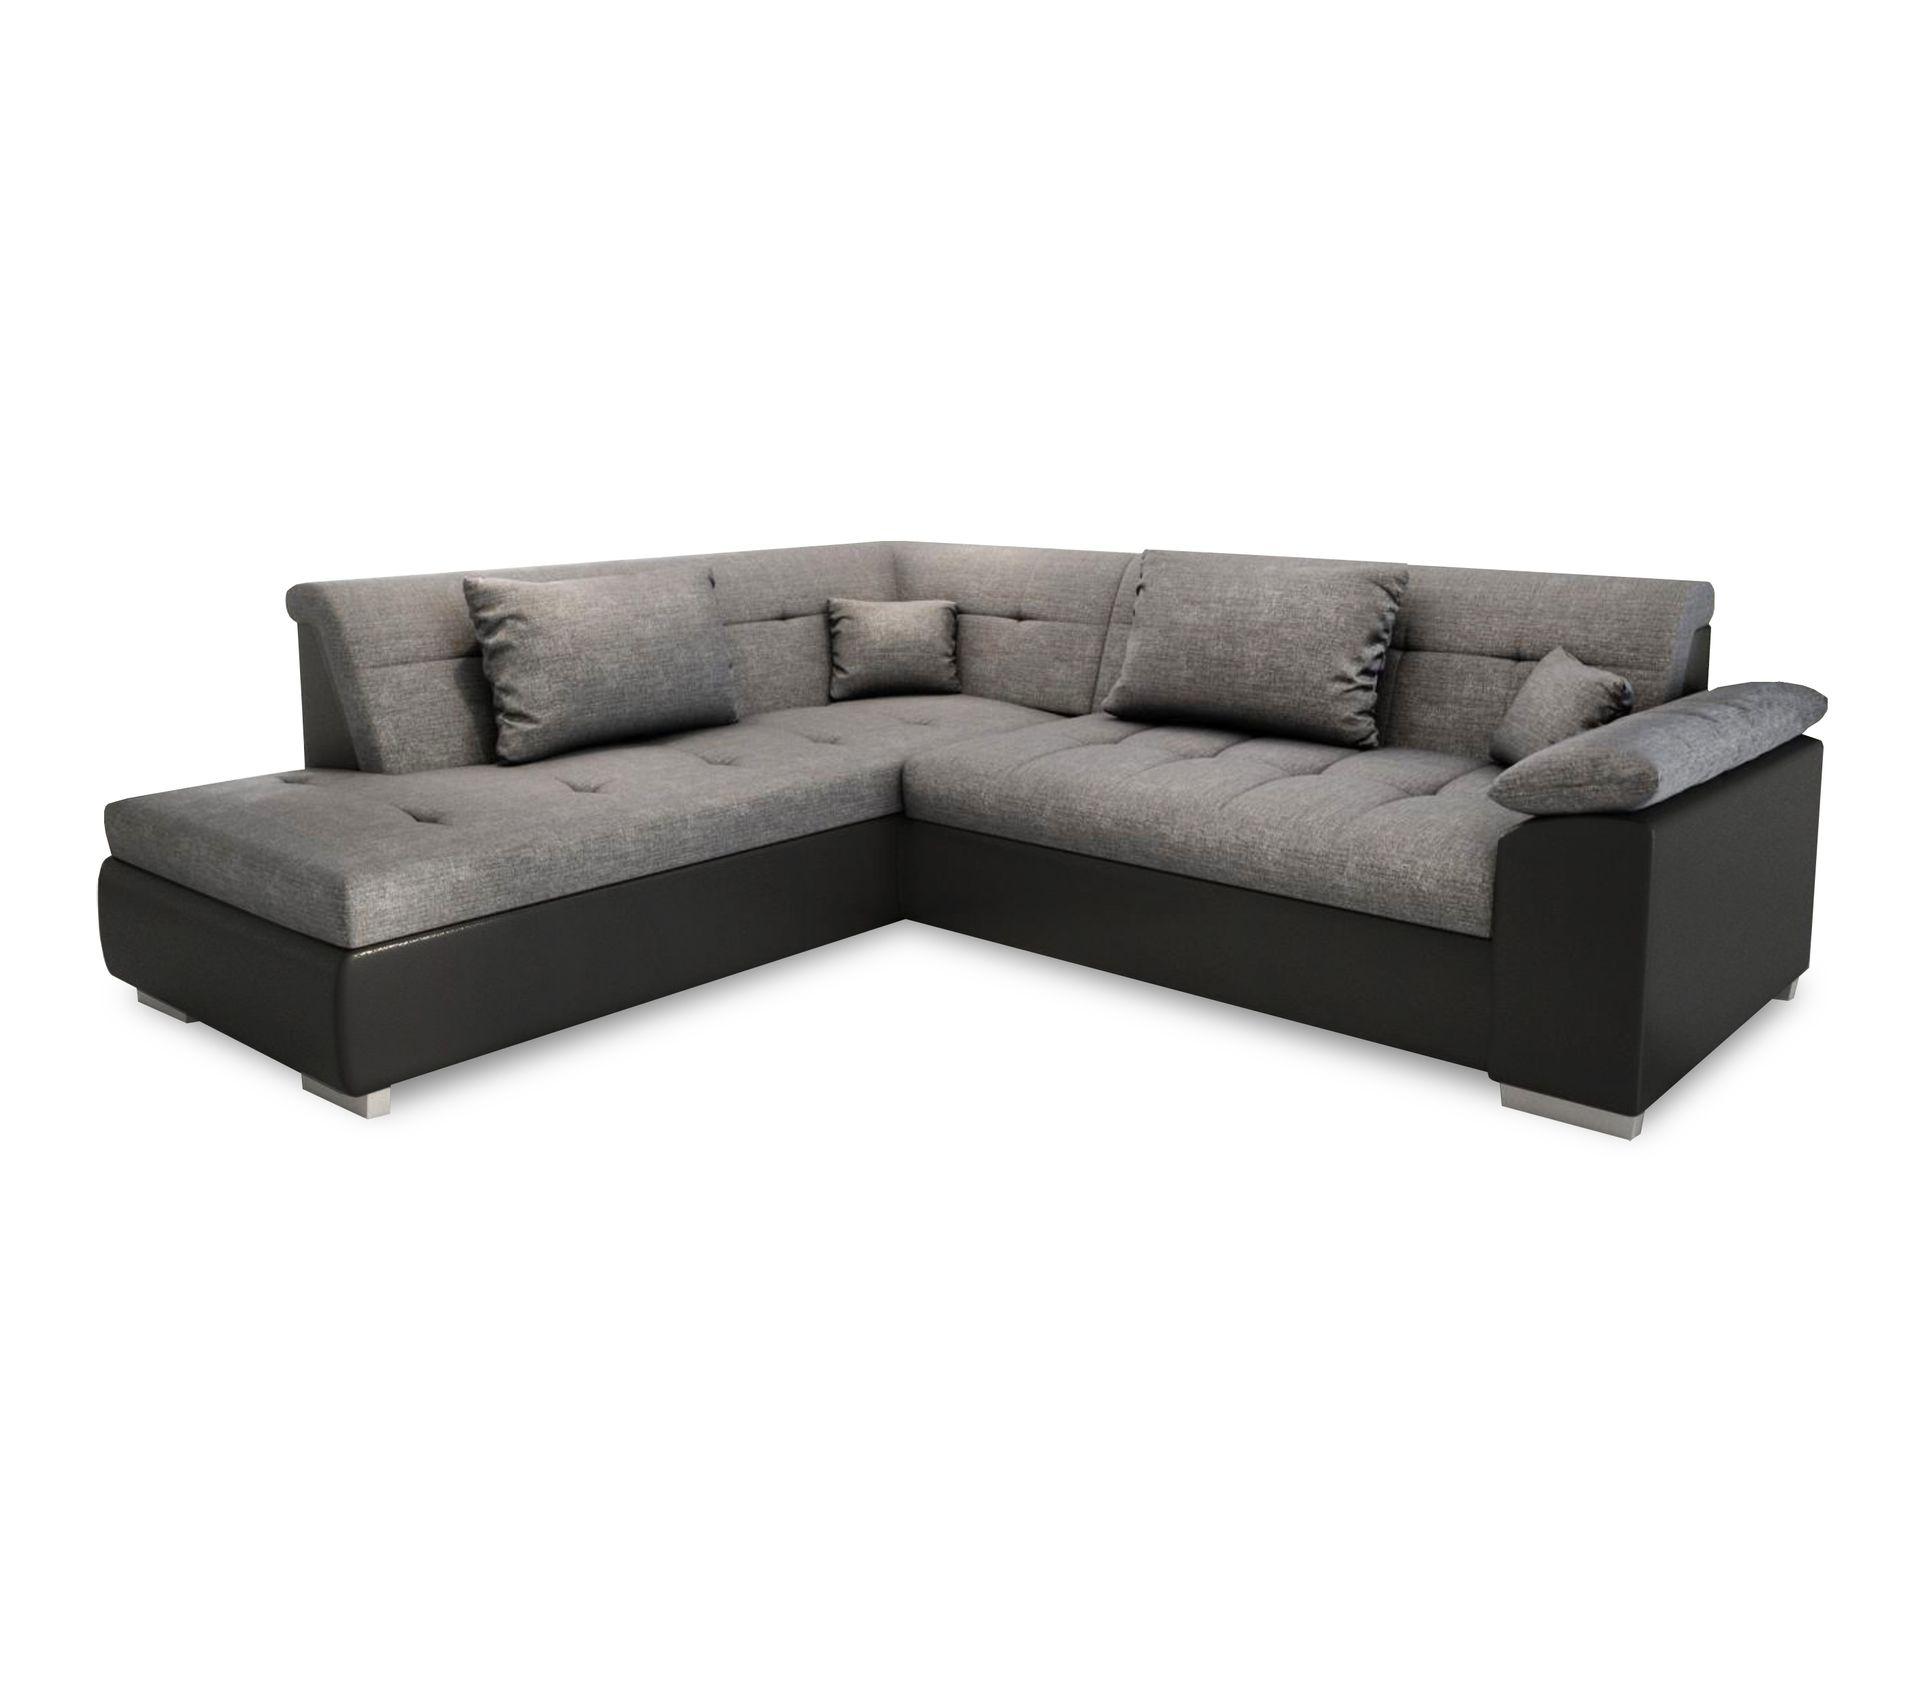 Table A Langer D Angle canapé dangle convertible en lit lito - angle gauche en tissu gris et  simili cuir noir